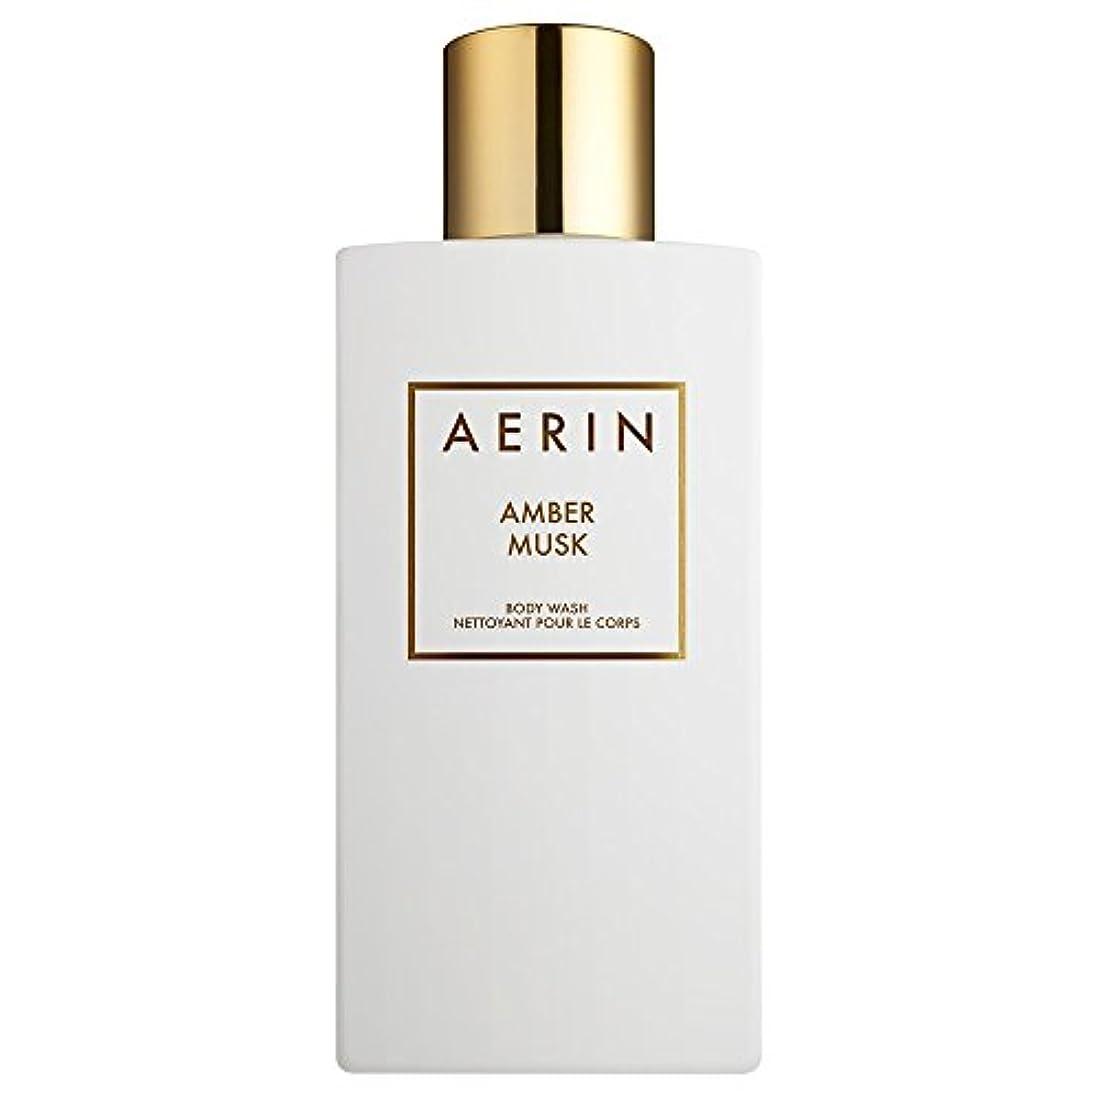 強度列挙する養うAerinアンバームスクボディウォッシュ225ミリリットル (AERIN) - AERIN Amber Musk Bodywash 225ml [並行輸入品]